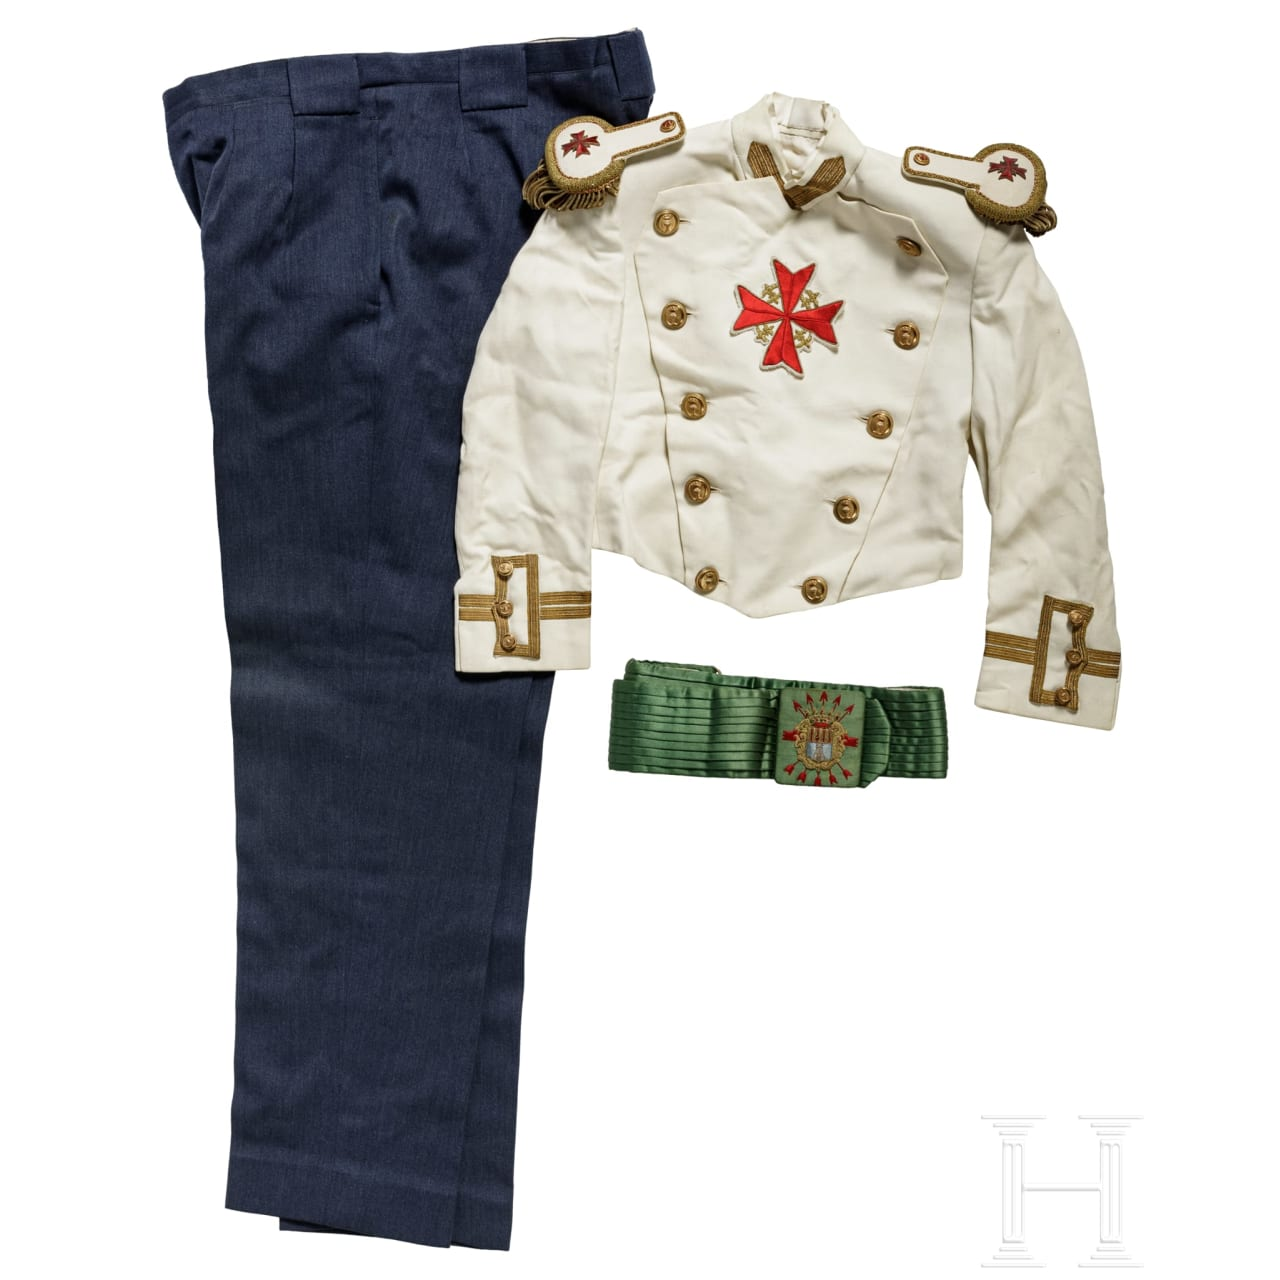 Faschistisches Spanien - drei Uniformteile